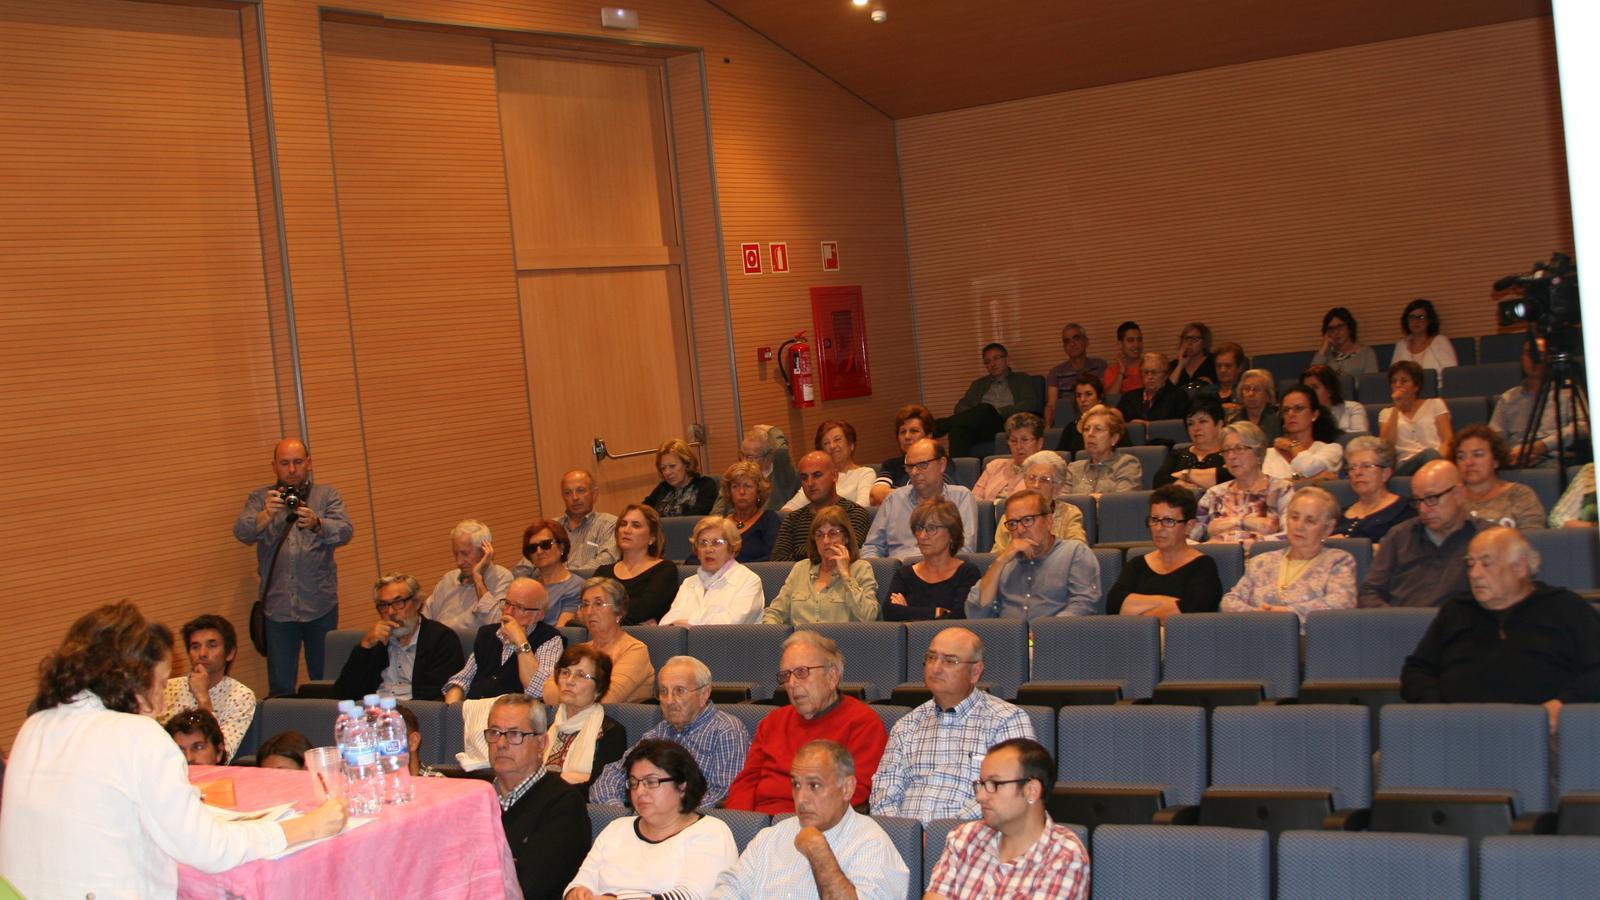 La presentació del projecte ha tingut lloc a la sala d'actes del Conservatori de Música